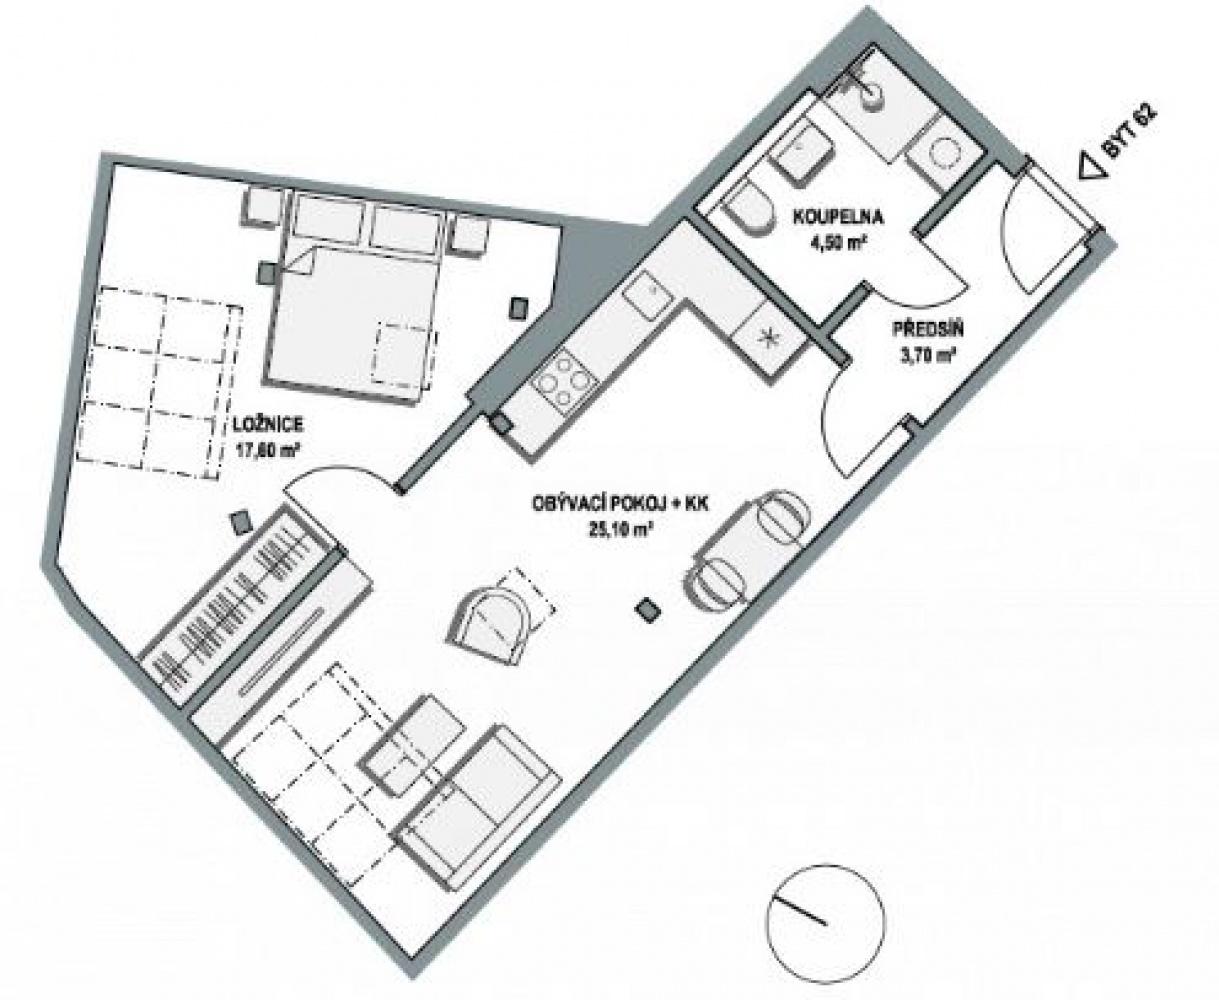 Půdorys - Půdní byt 2+kk, plocha 53 m², ulice Lihovarská, Praha 9 - Libeň